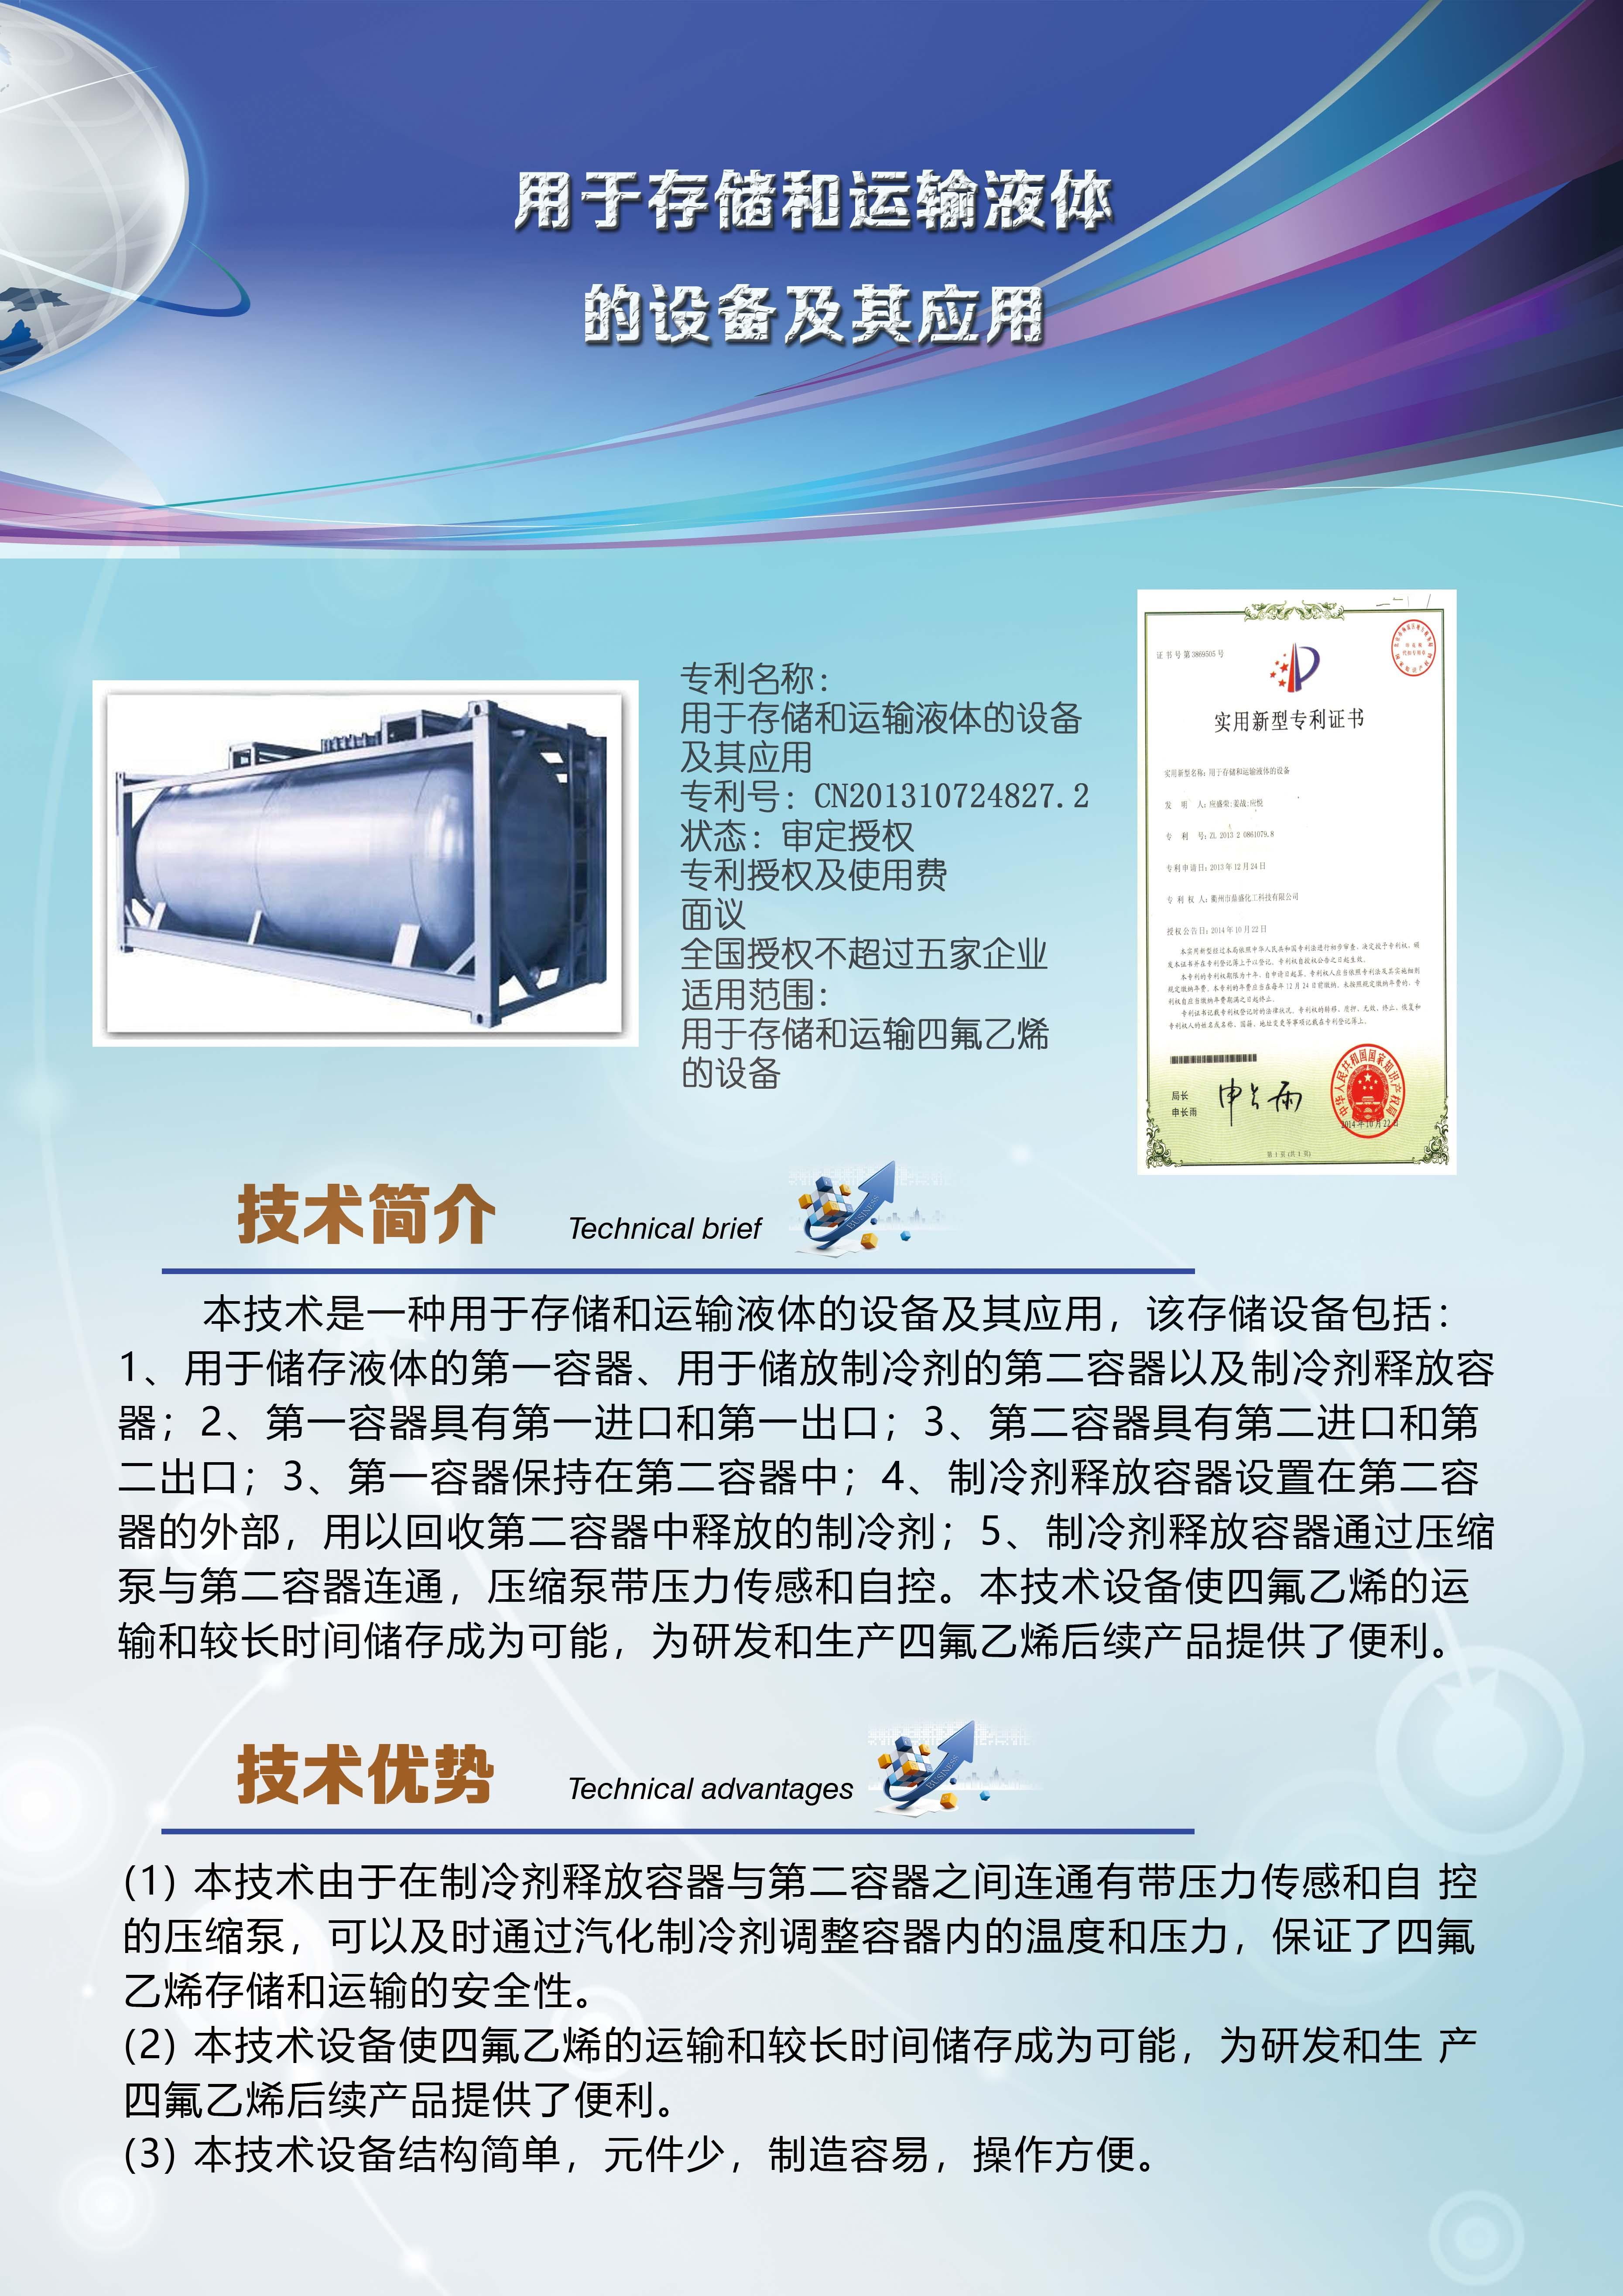 用于存储和运输液体的设备及其应用